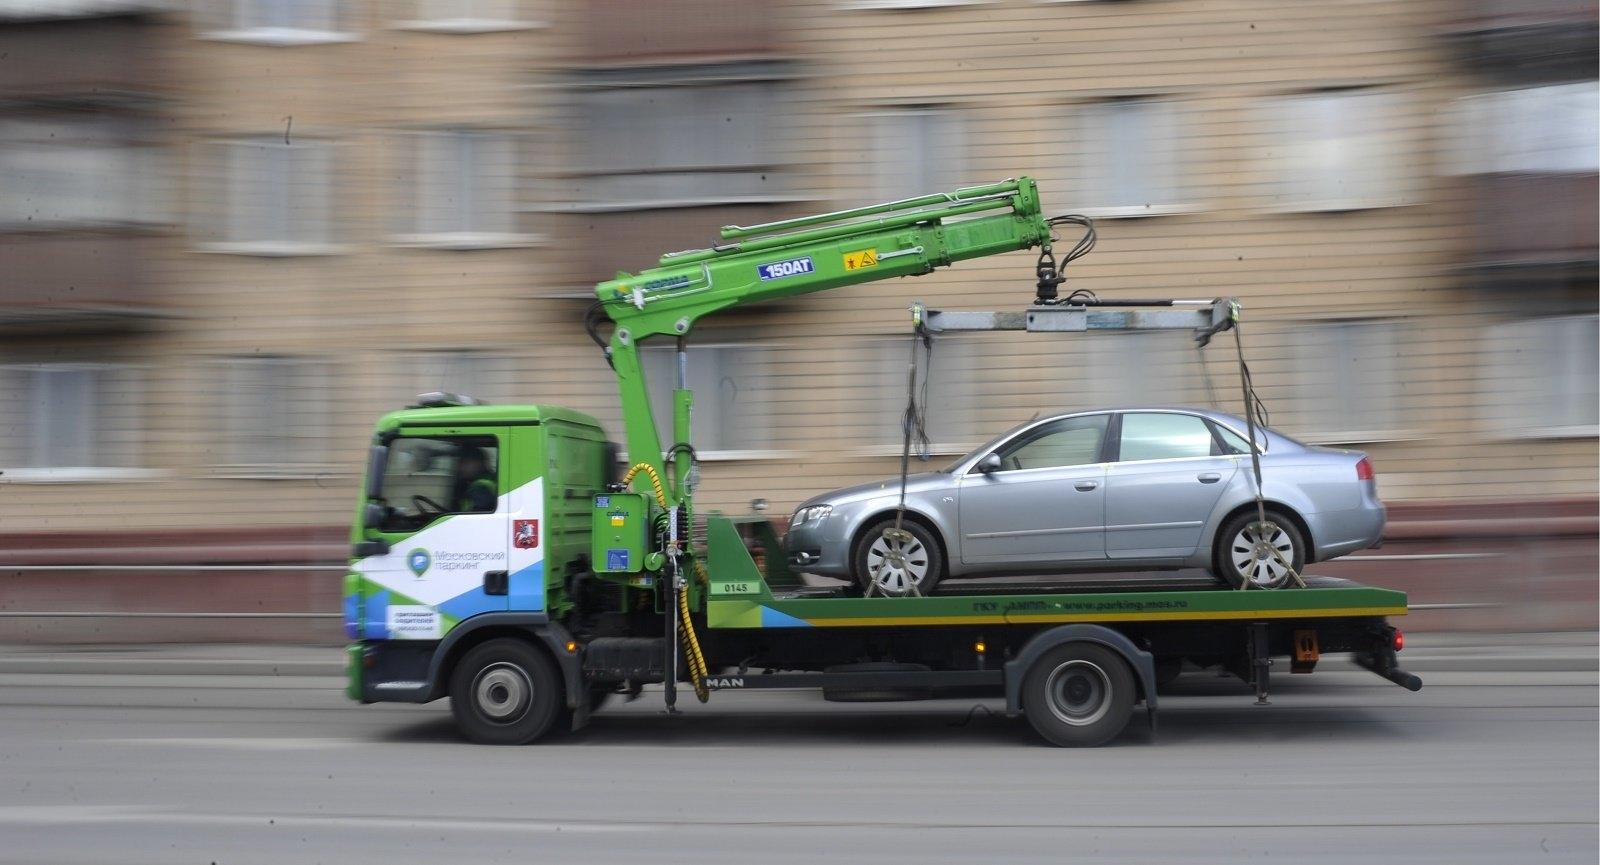 Могут арестовать приставы машину за просроченный бытовой кредит